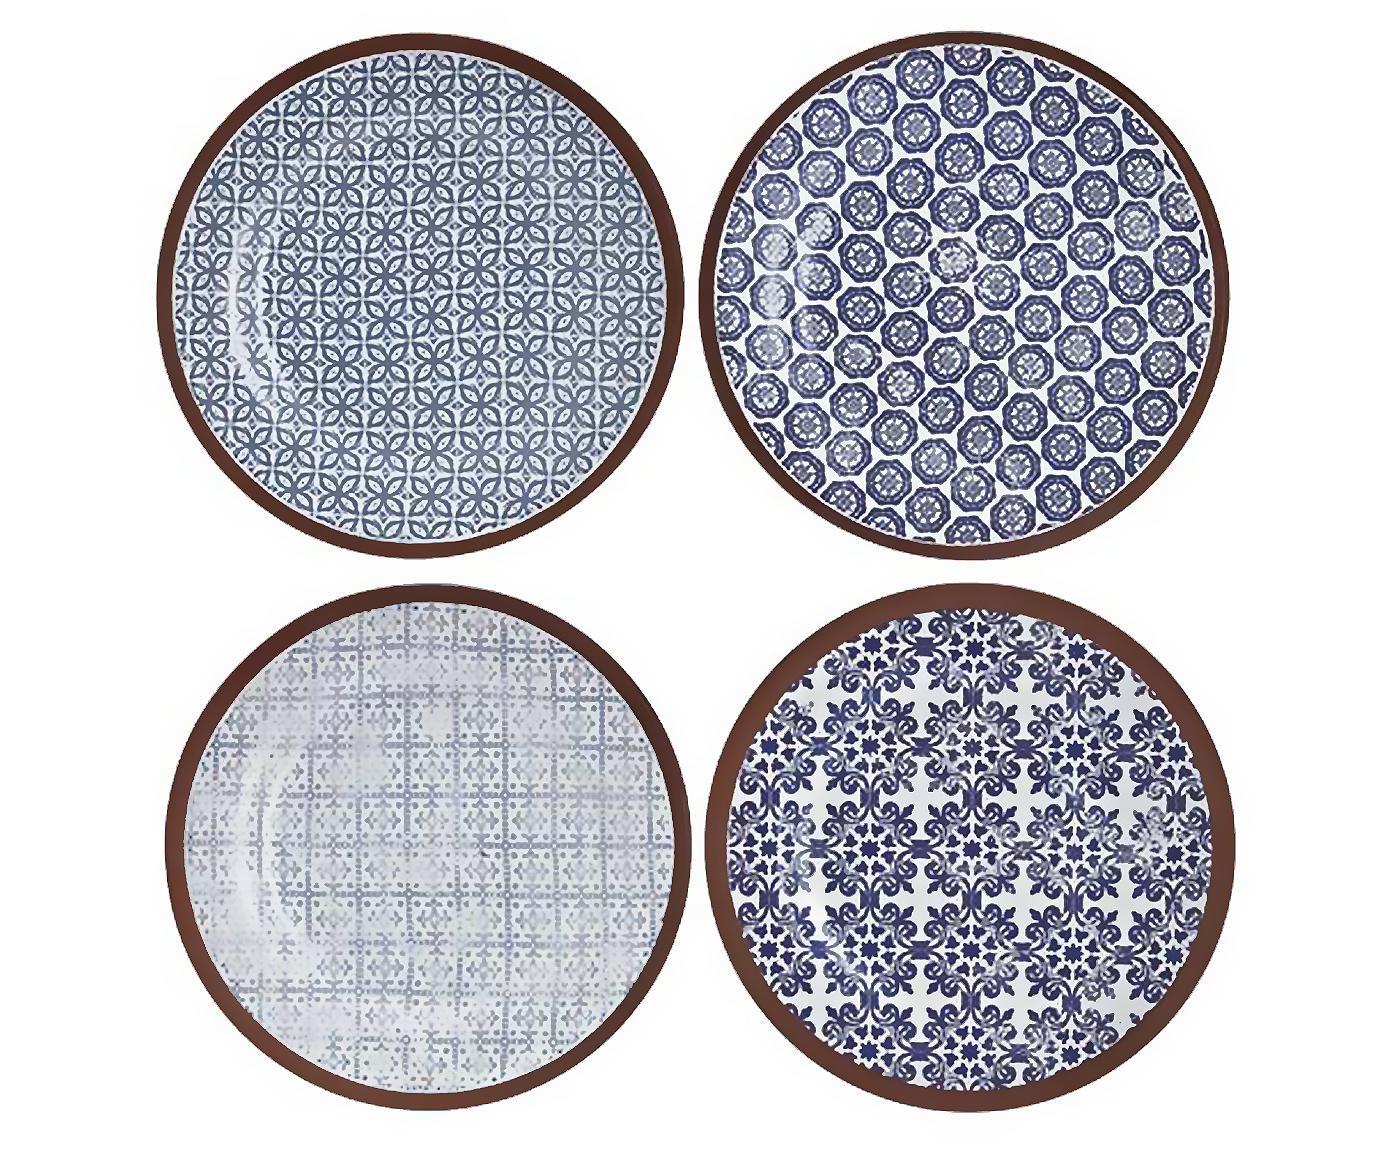 Handgemachte Frühstücksteller Tapas, 4er-Set, Terrakotta, Blau, Weiß, Braun, Ø 19 cm